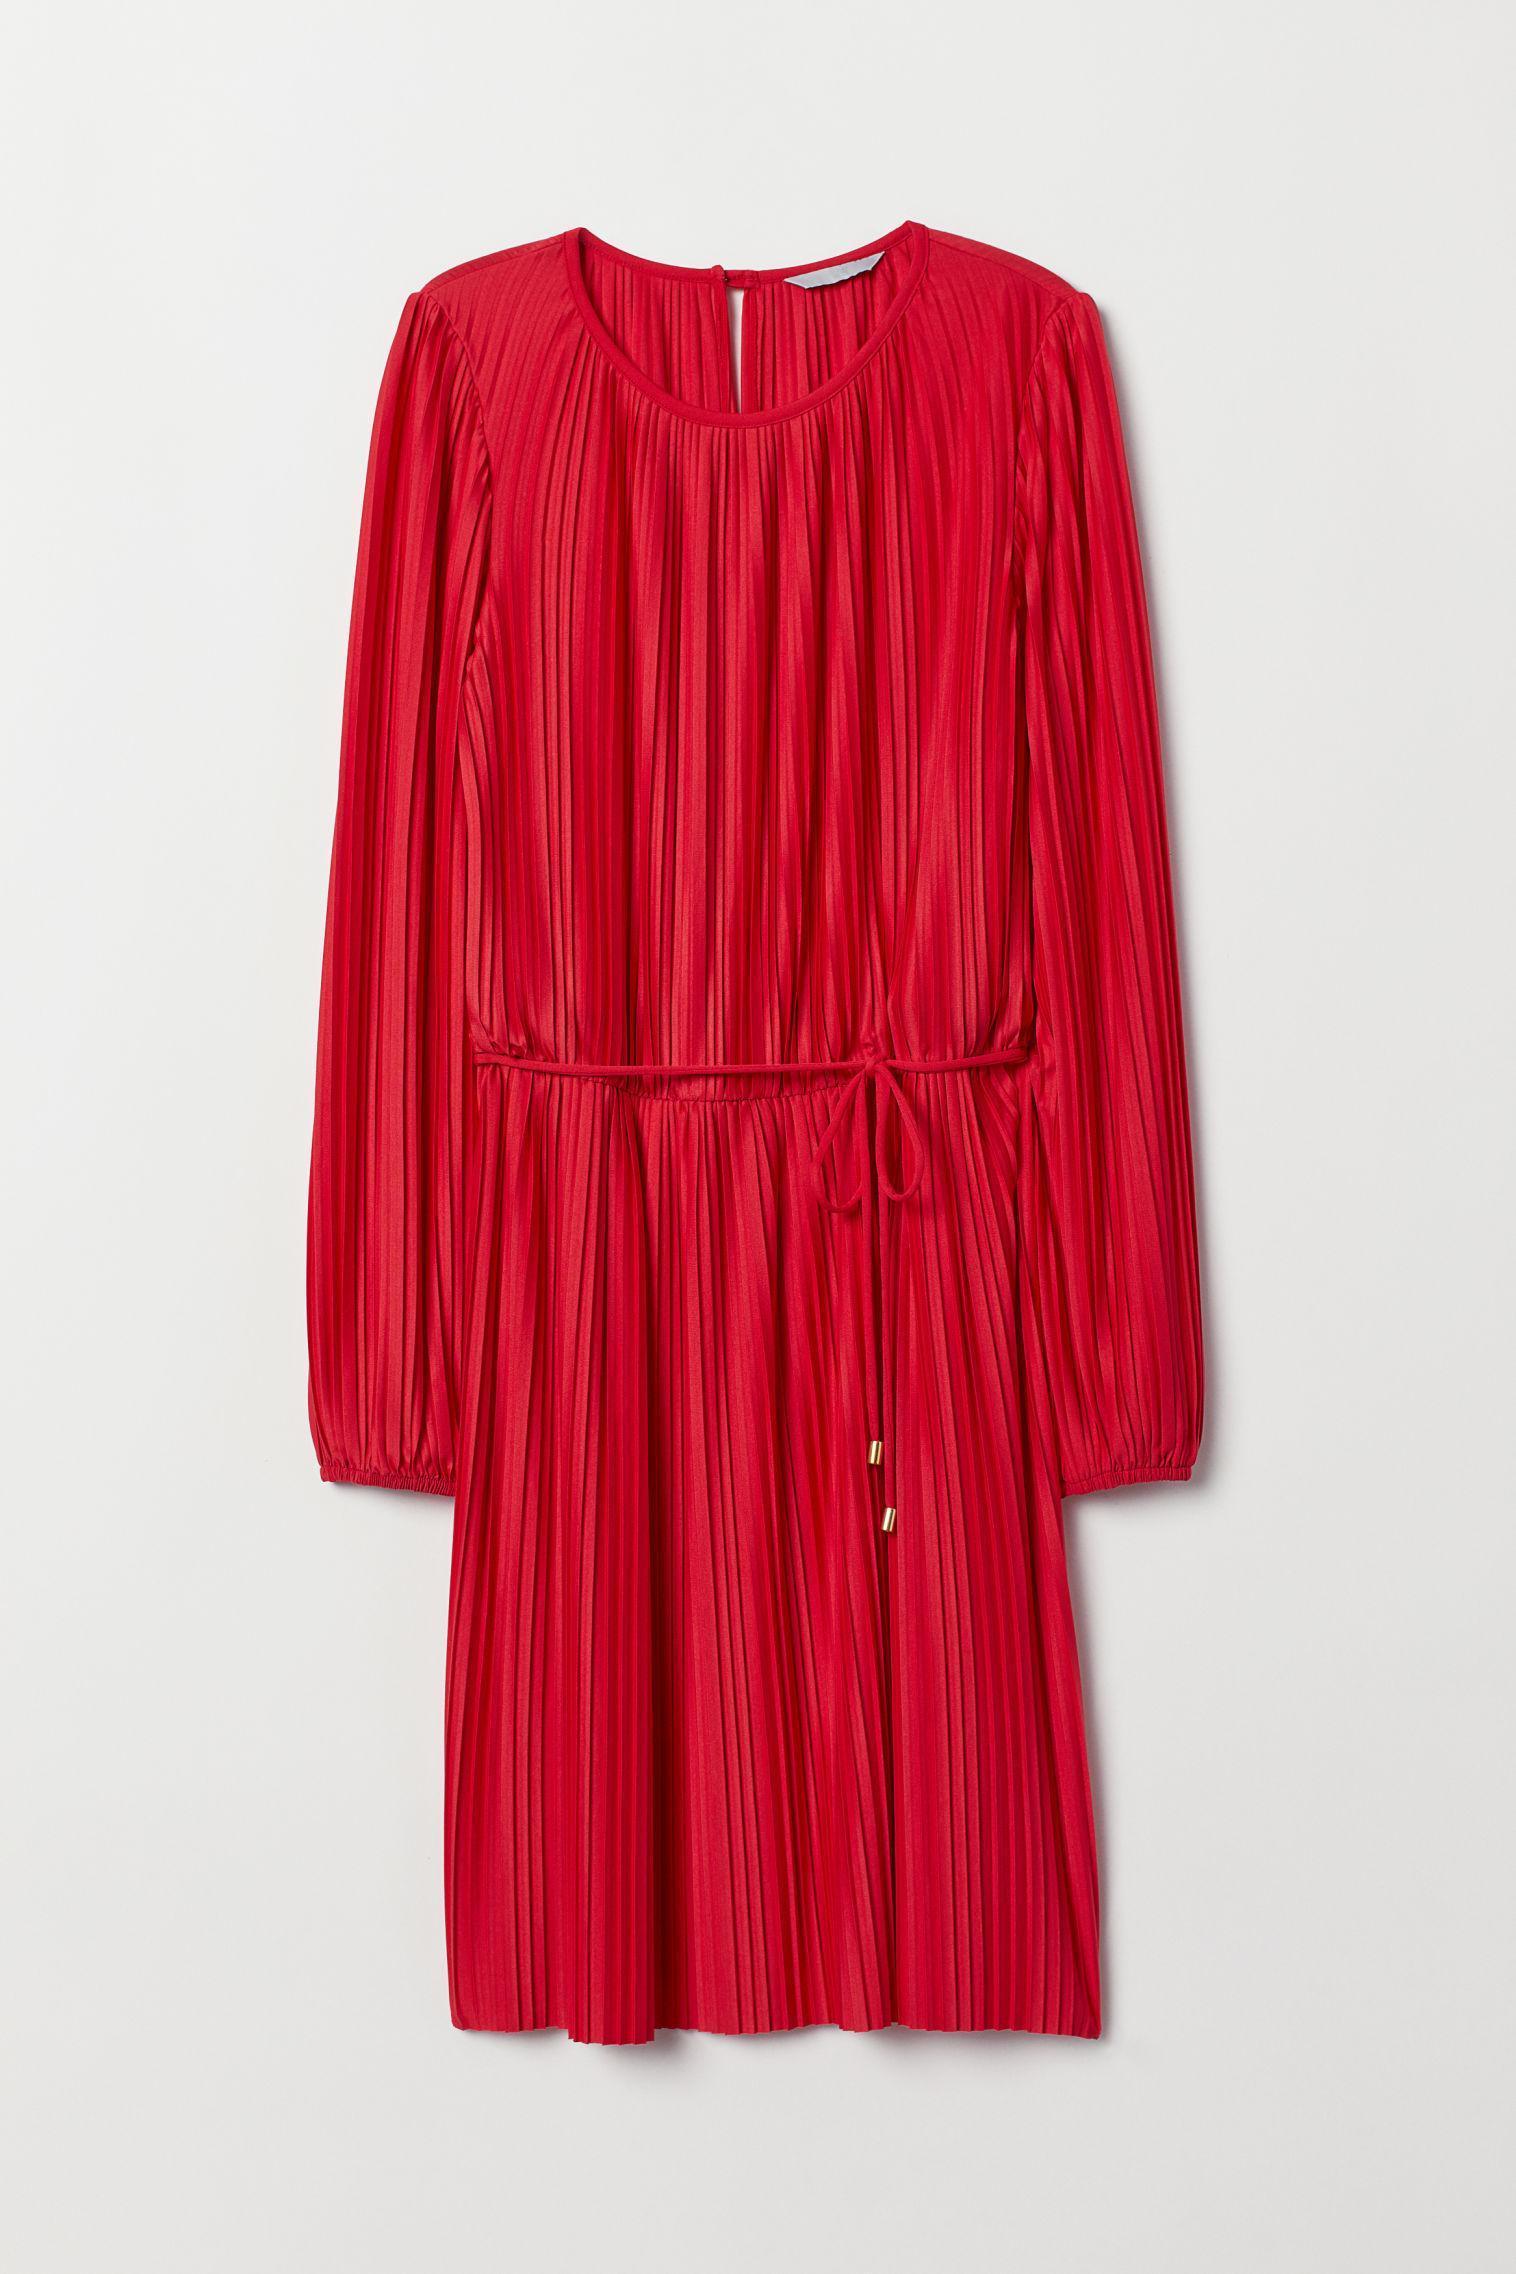 Отзыв на Плиссированный топ Платье из Интернет-Магазина H&M